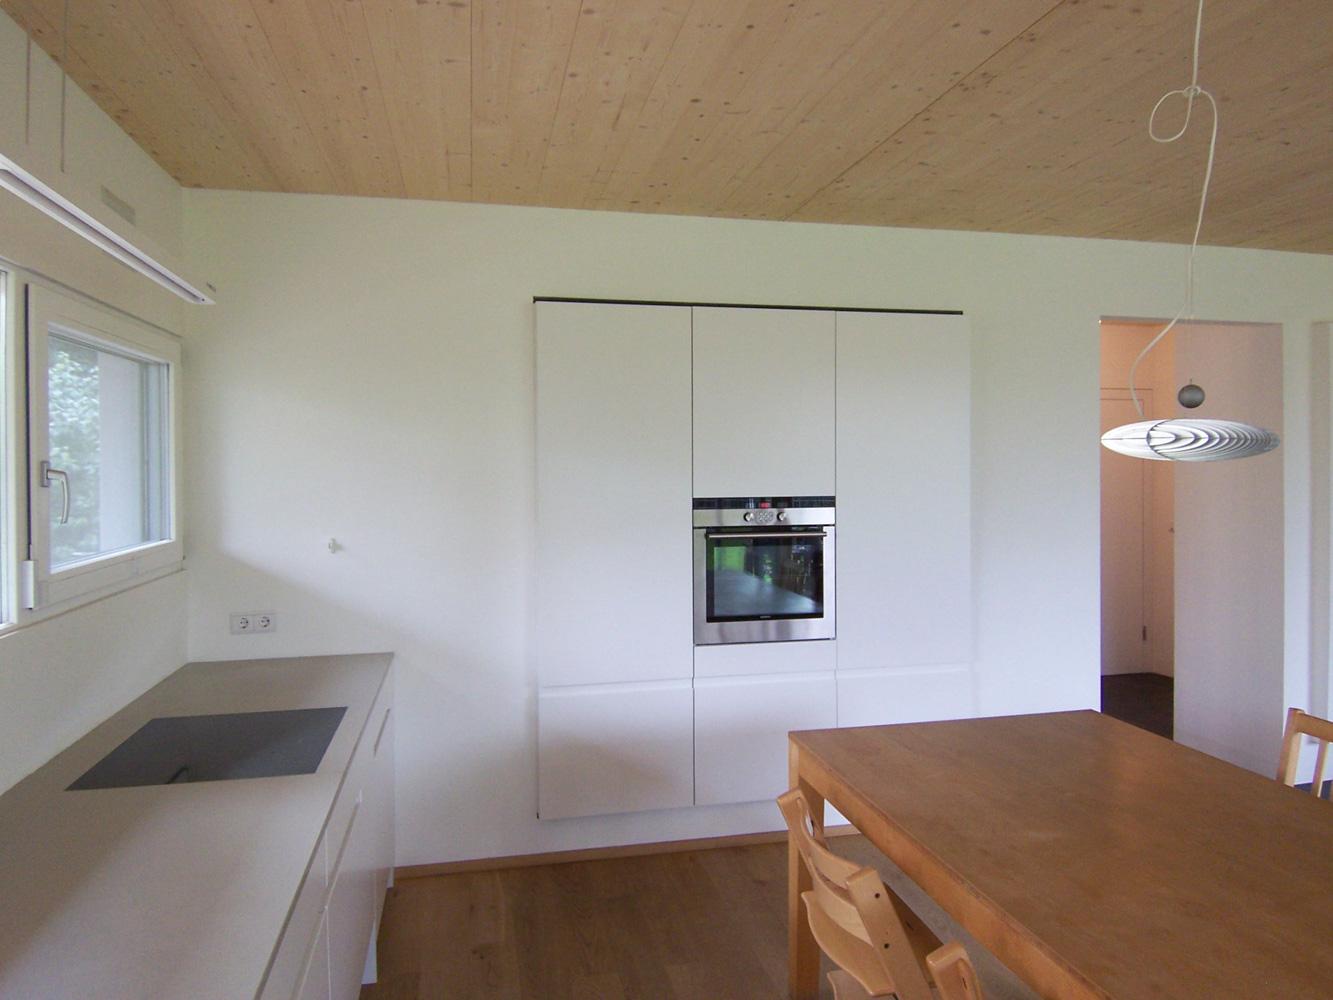 Innenansicht der Küche mit integrierten Geräten und Stauraum eines Doppelhauses an der alten Donau